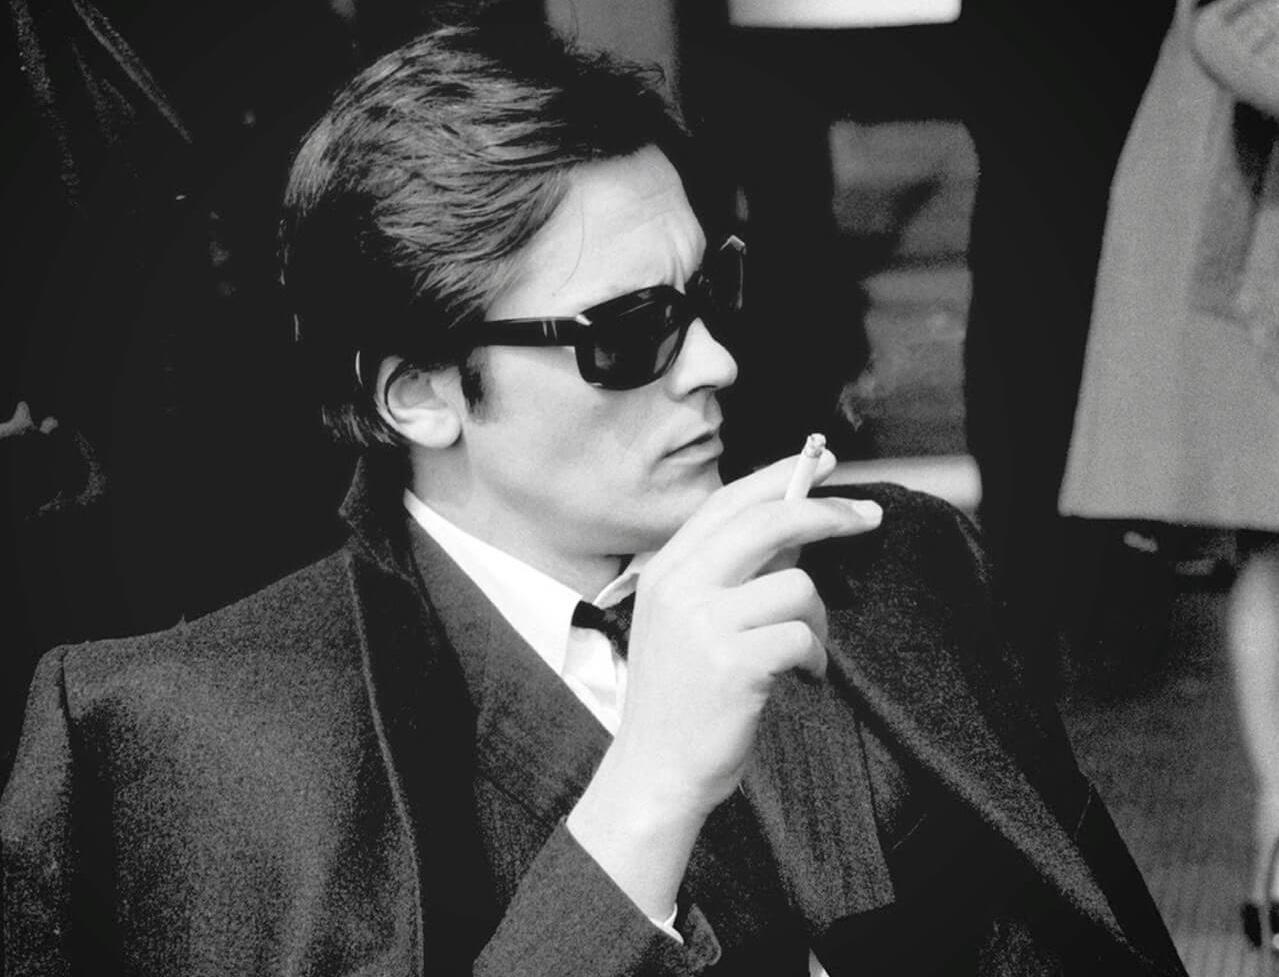 Sticker alain delon male alpha fume beau gosse jeune regard dragueur bg classe homme viril seducteur charme francais cigarette